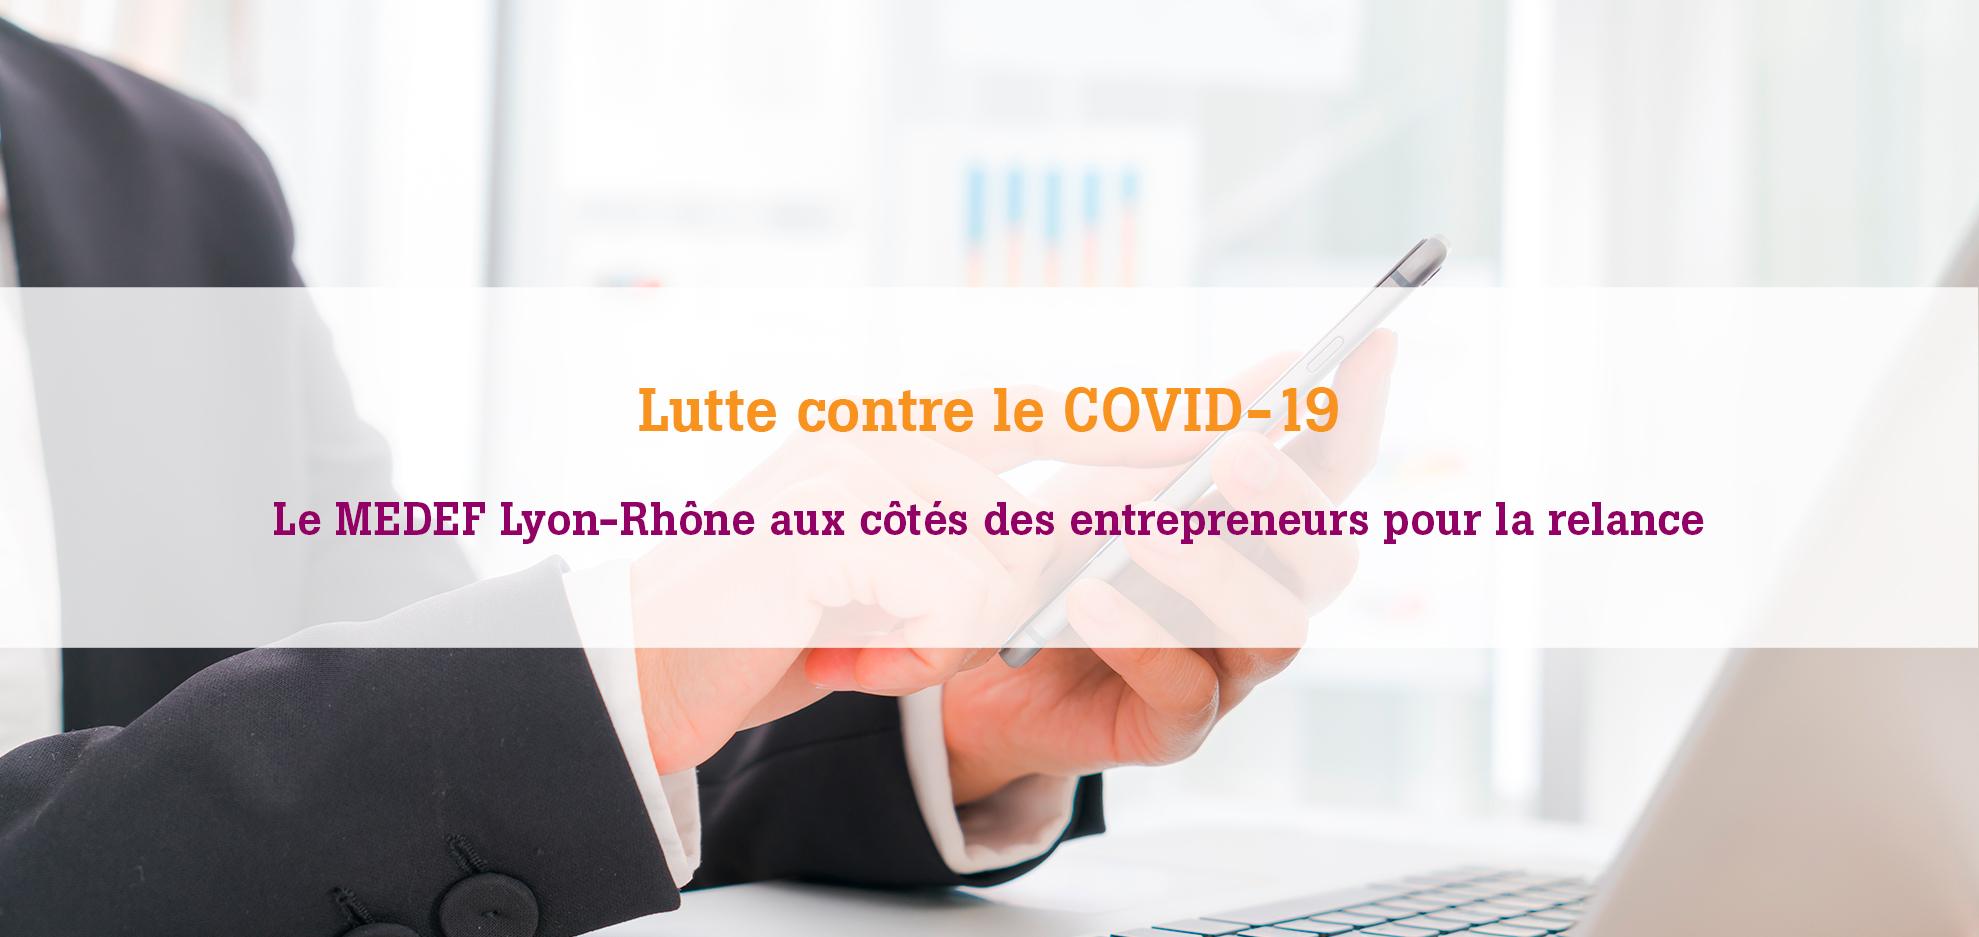 Le MEDEF Lyon-Rhône s'engage aux côtés des entreprises pour faire face à la crise COVID-19